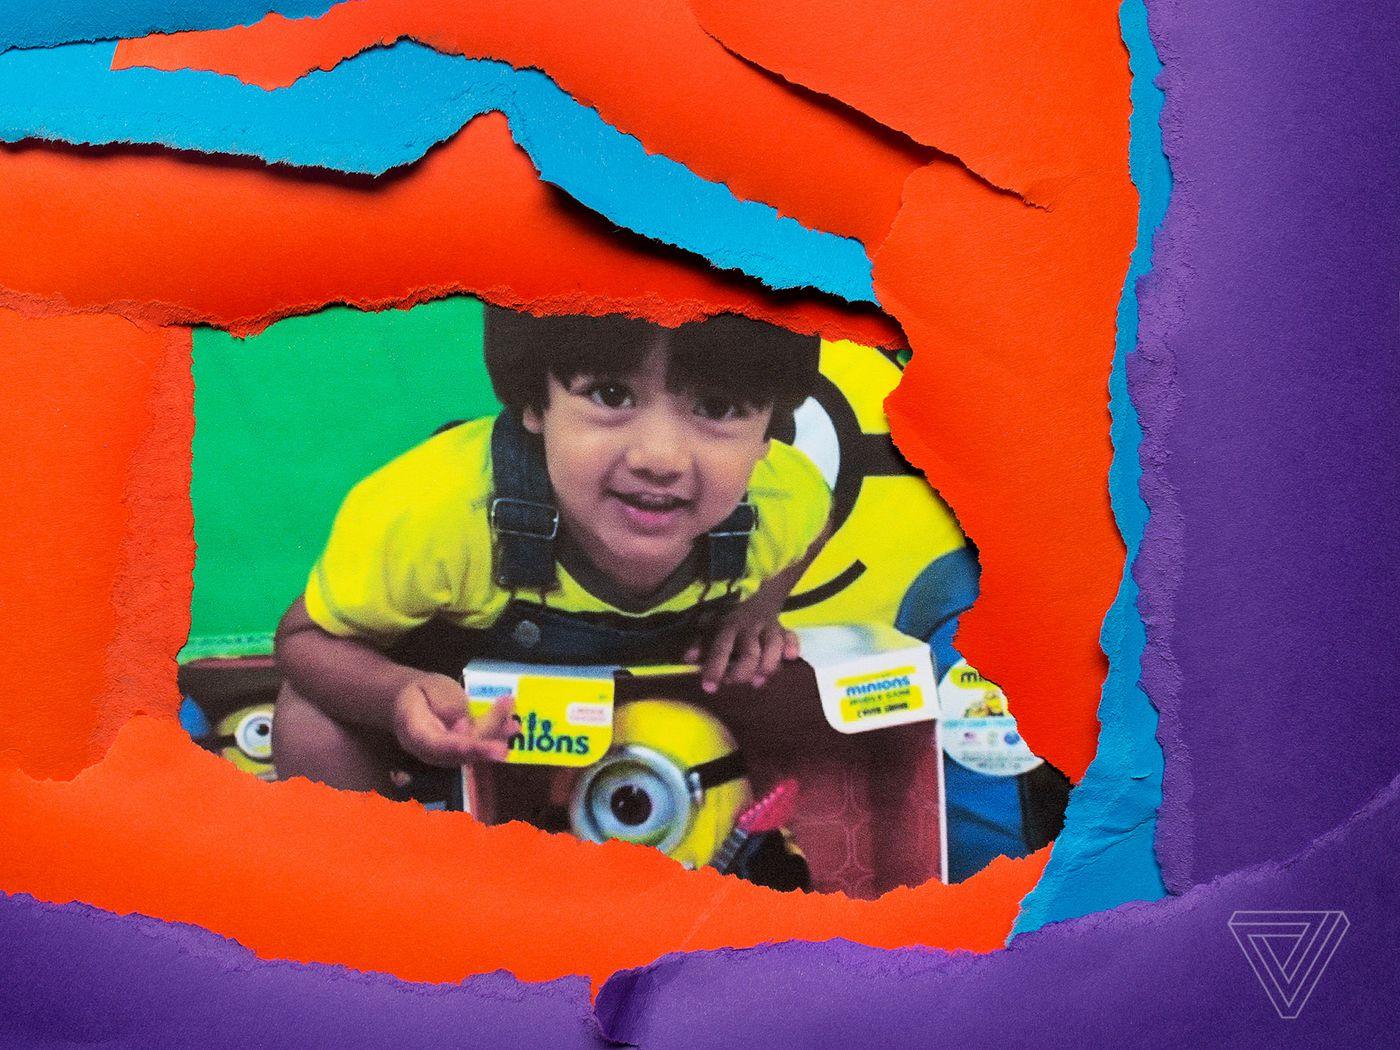 Toys For Boys Ages 6 7 : Explorer box educational toys for boys girls stem toys